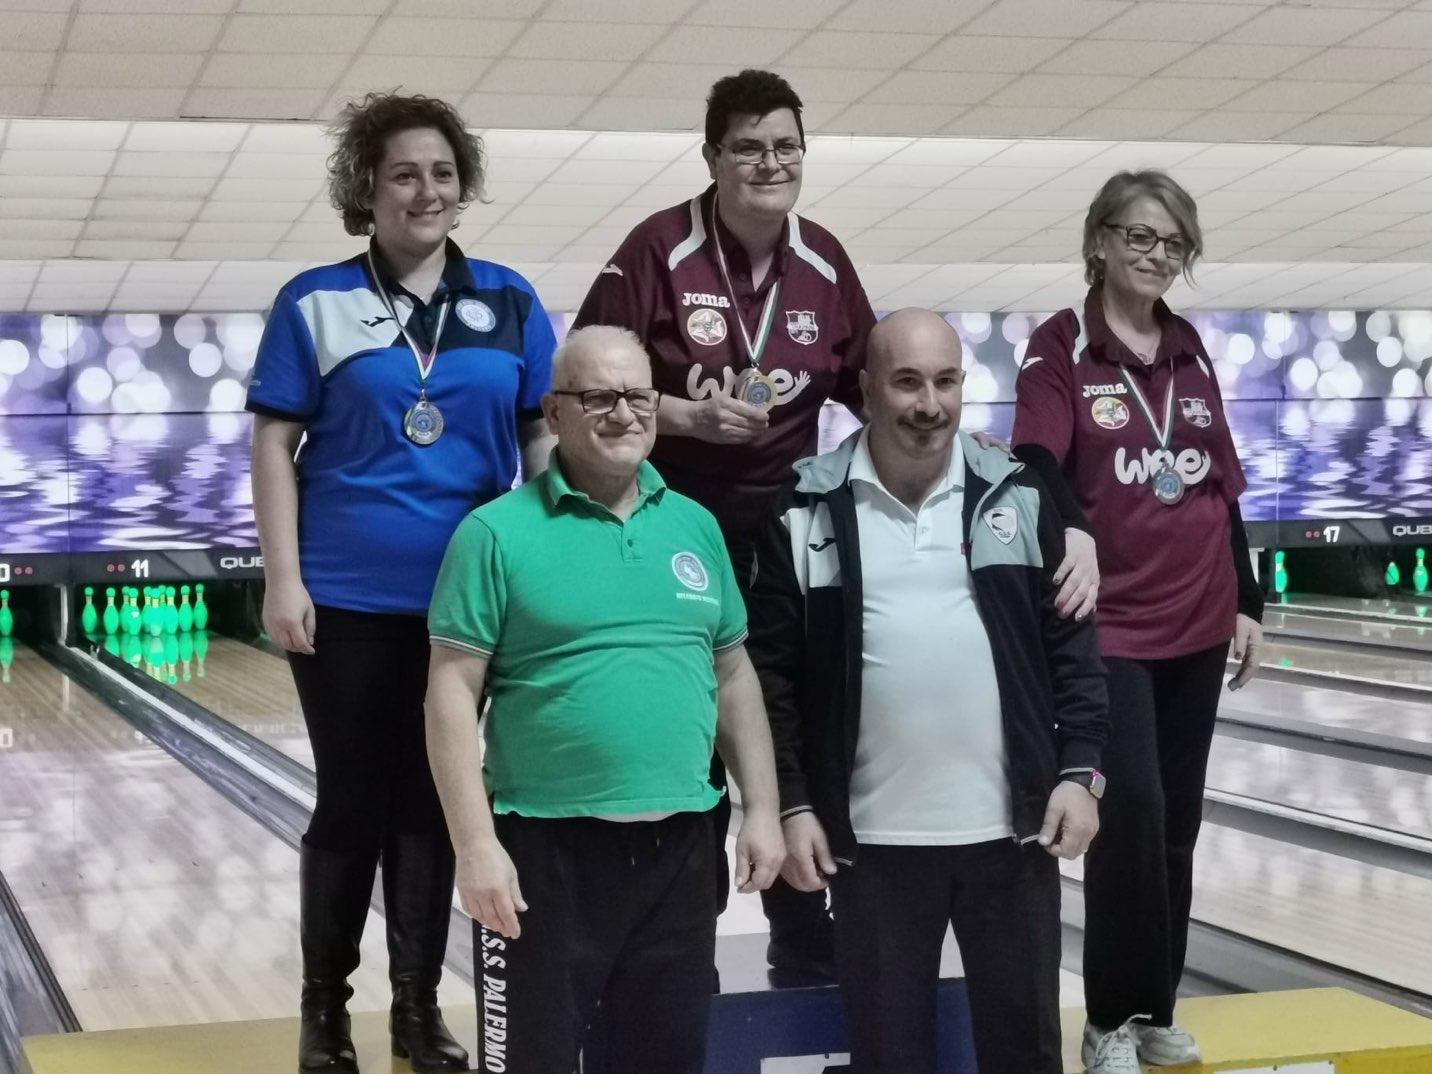 Risultati e foto del Campionato Regionale FSSI di Bowling svoltosi il 24 Novembre